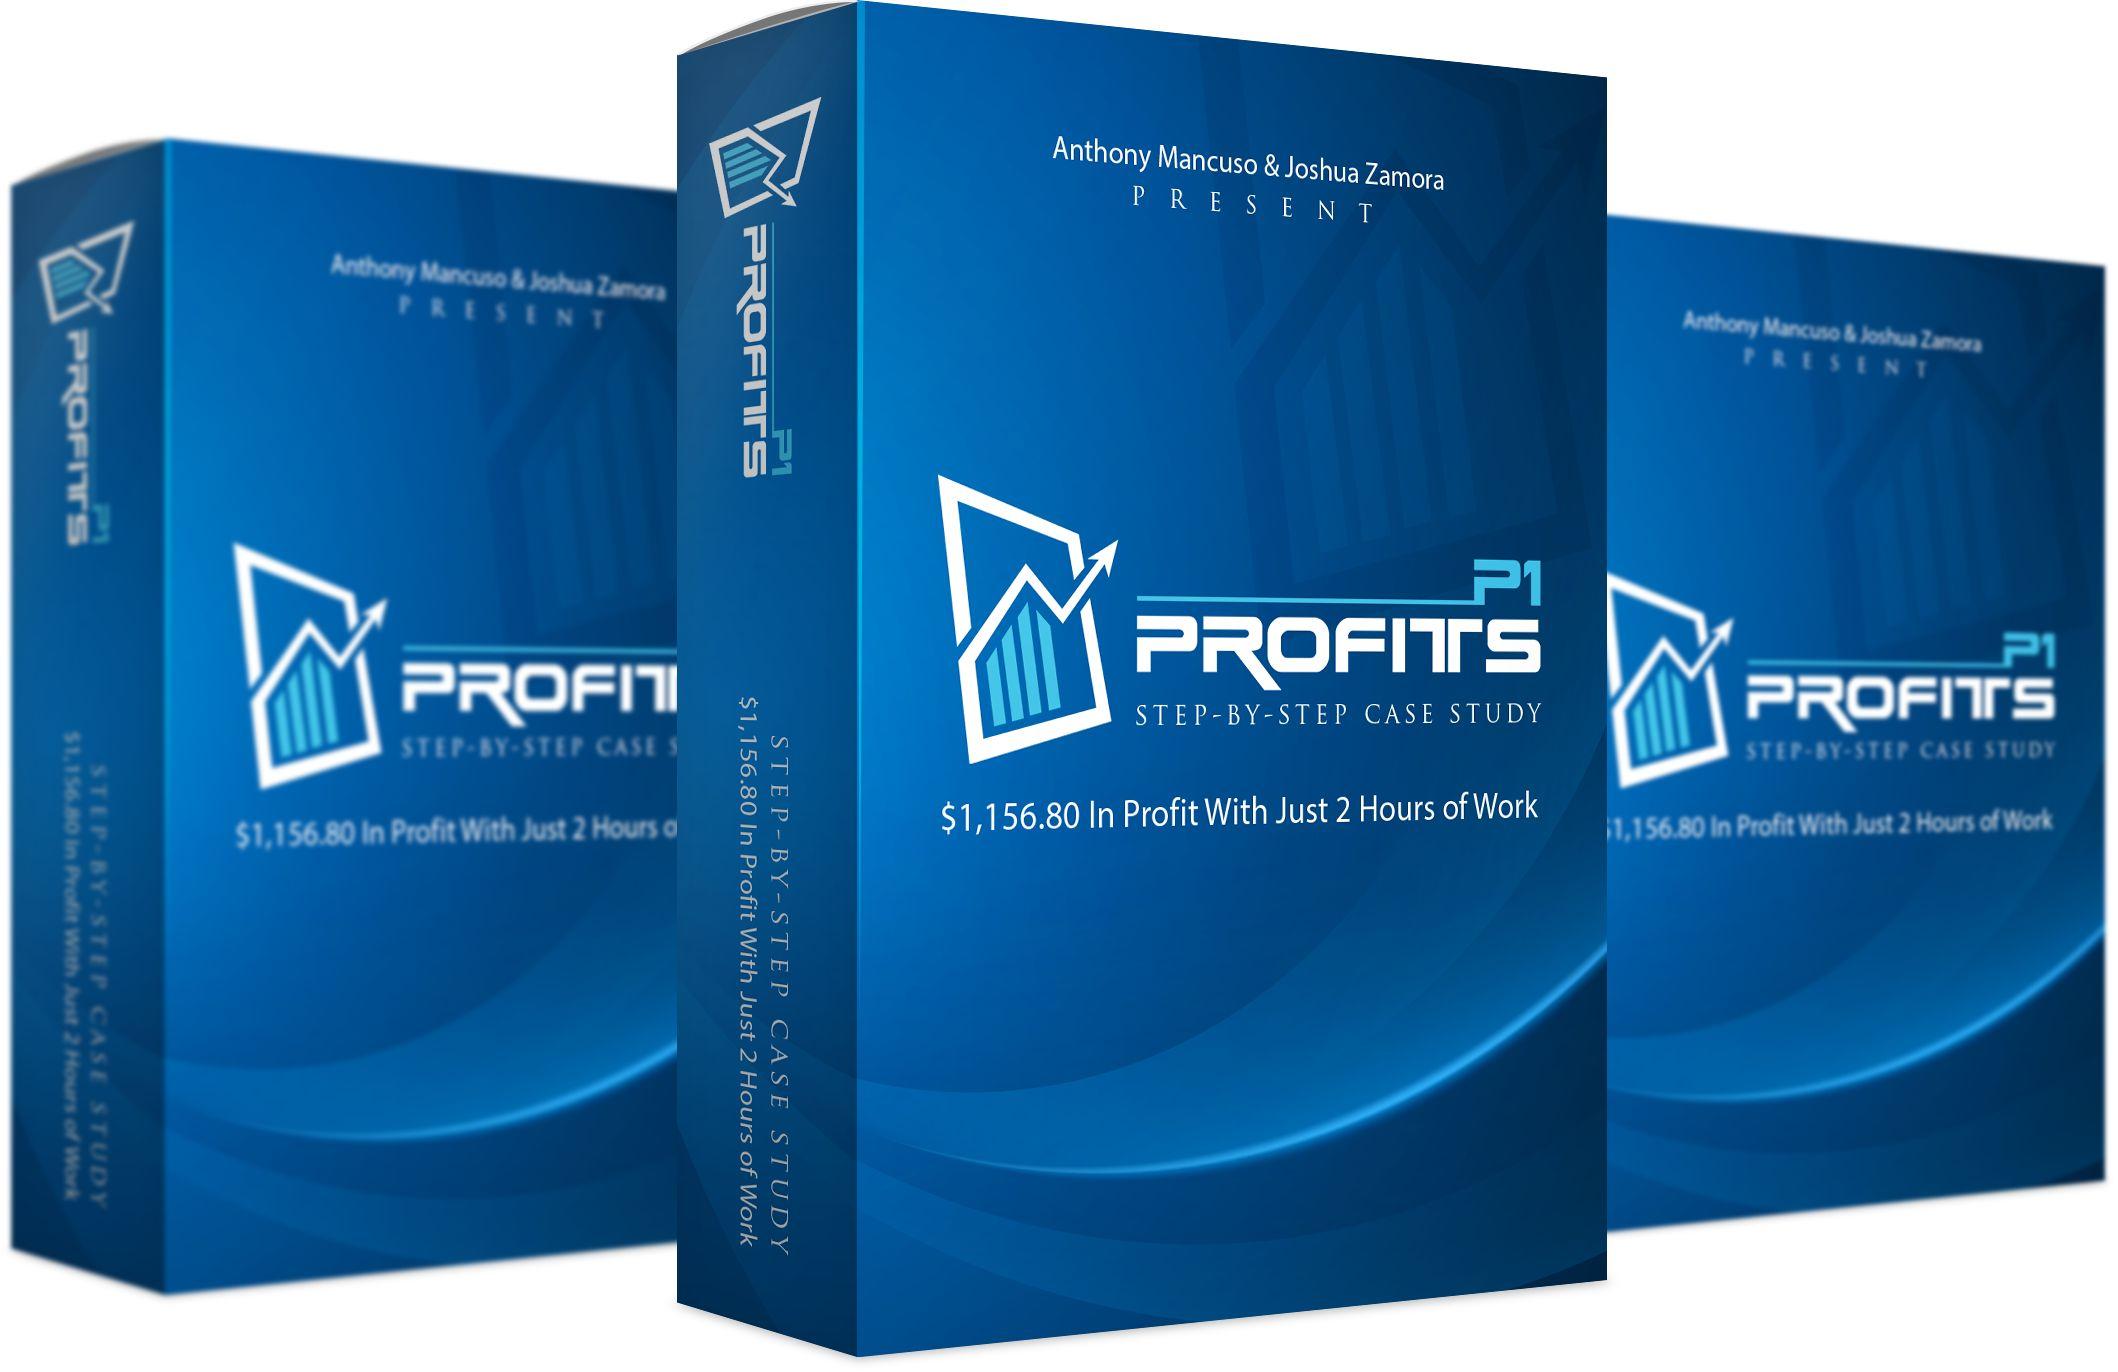 P1 Profits Review